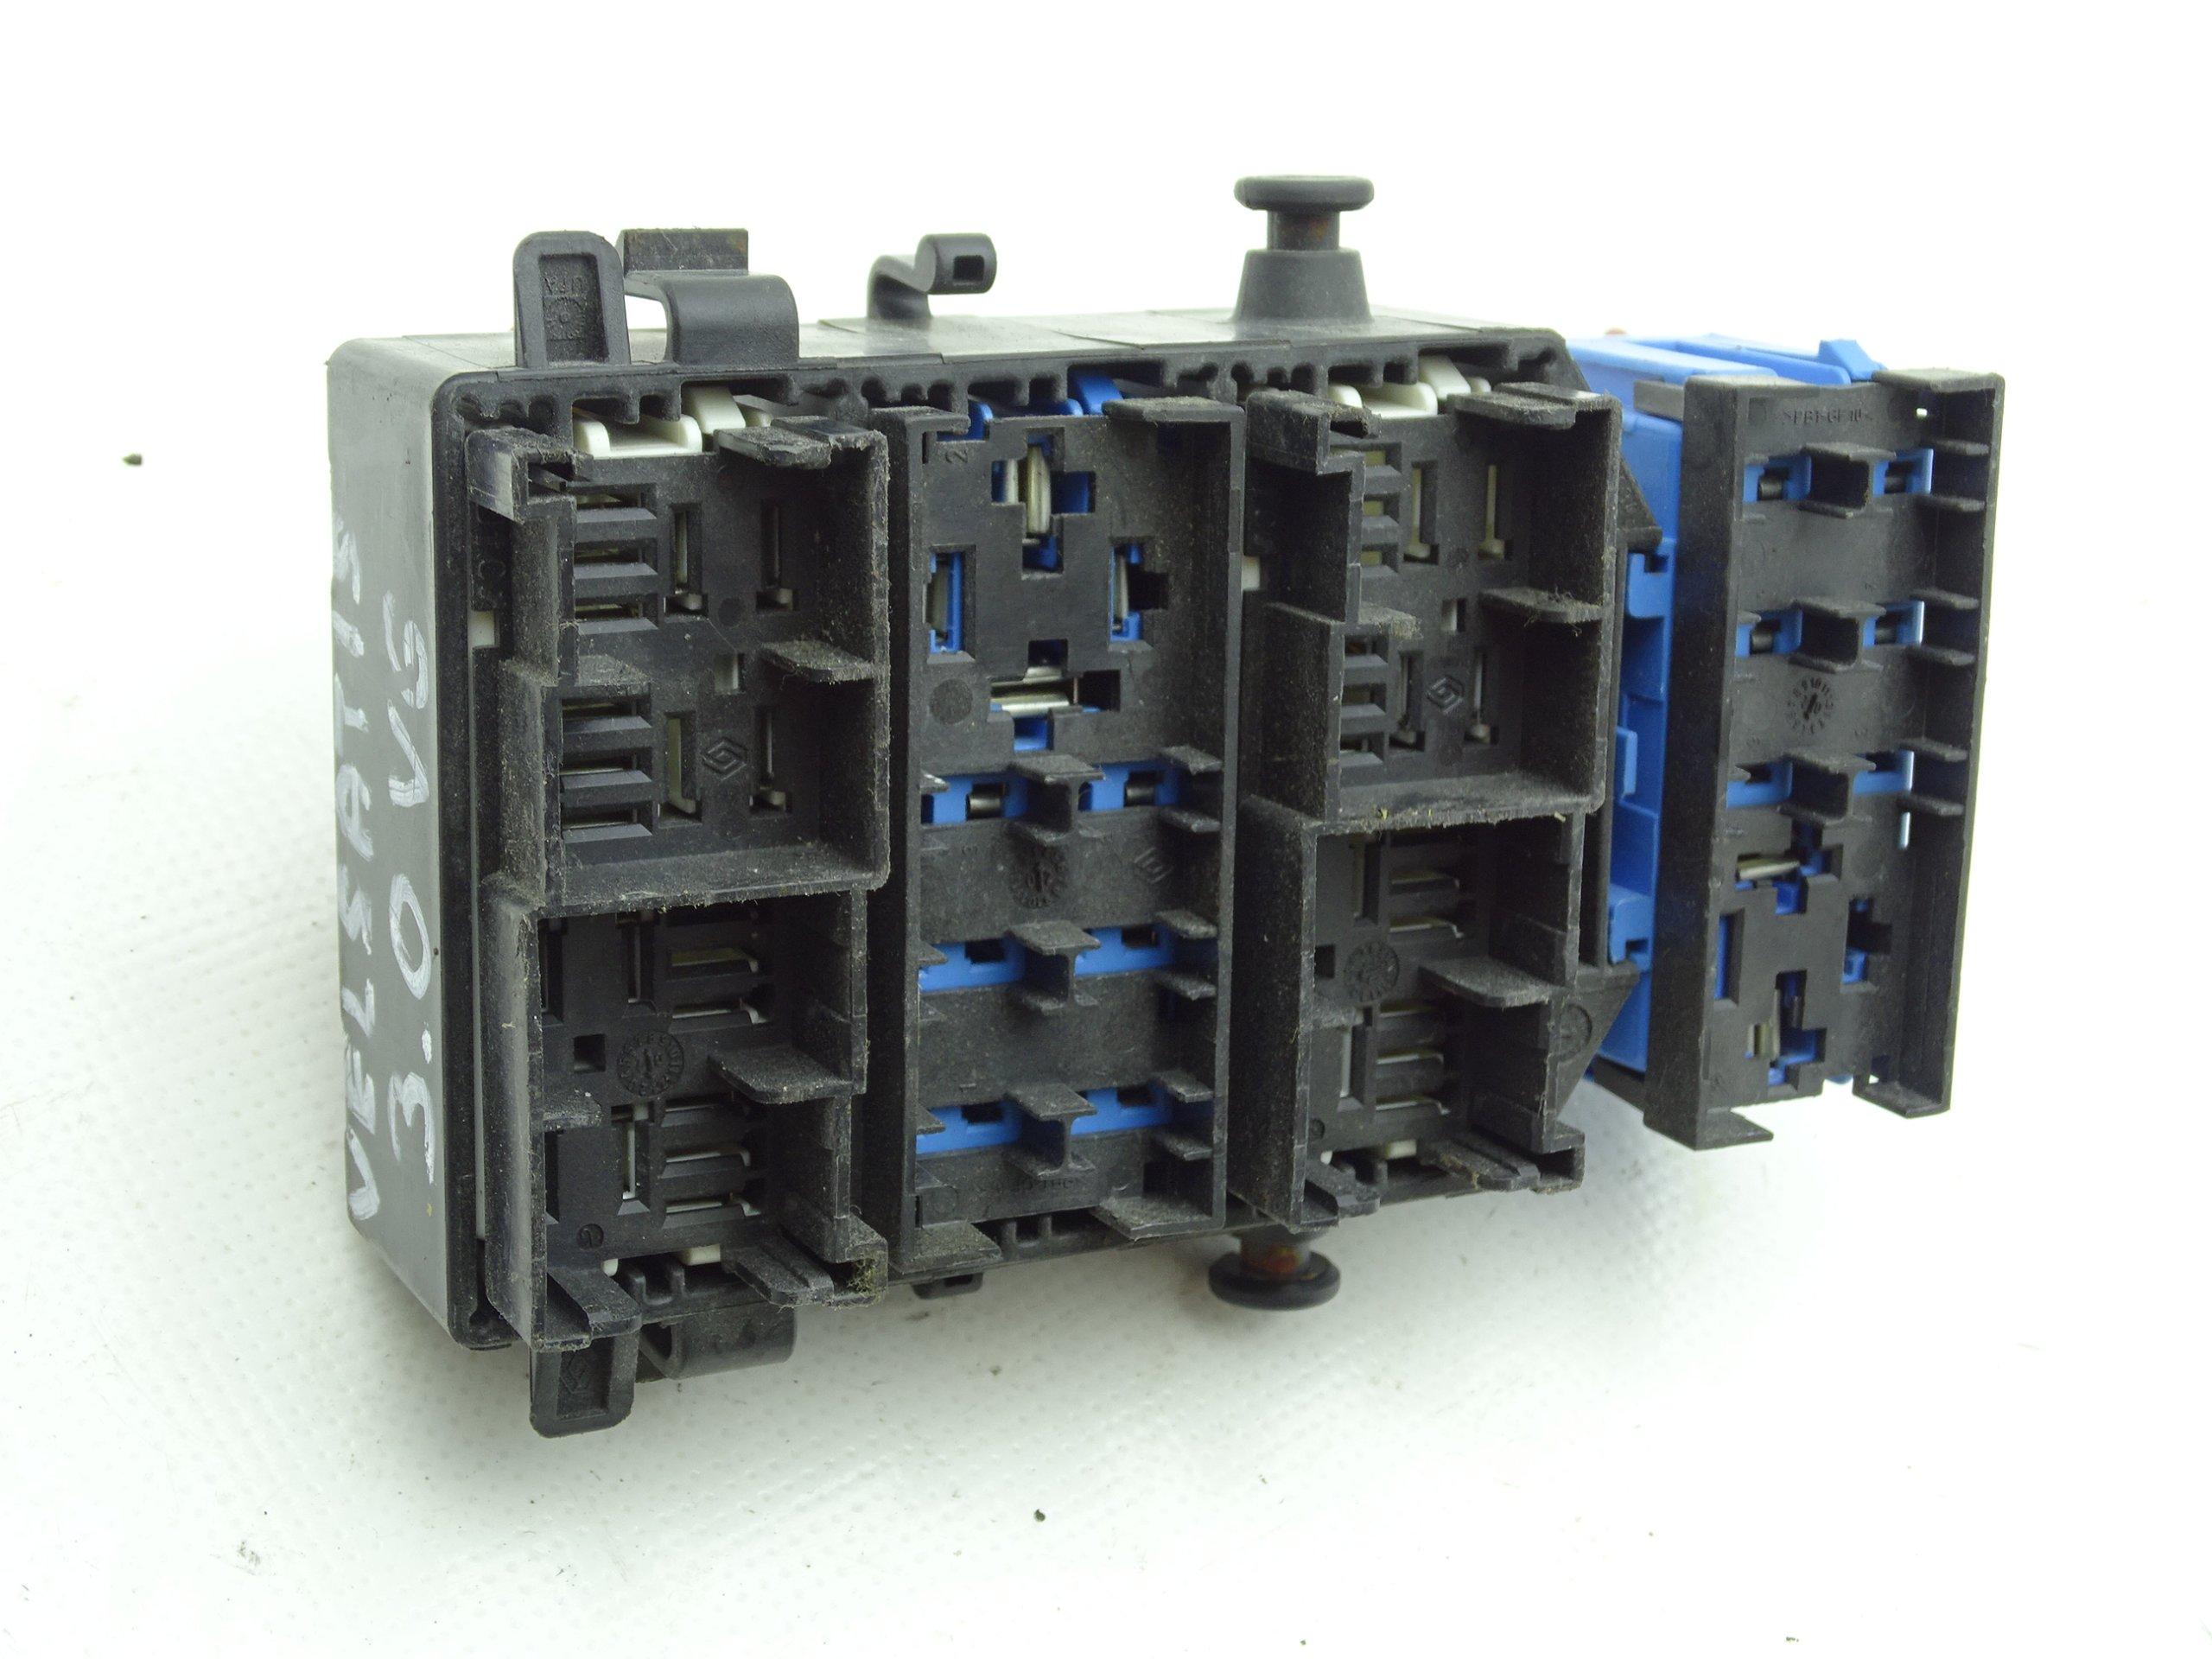 renault vel satis fuse box renault vel satis fuse box 820000363 xdalys lt  renault vel satis fuse box 820000363